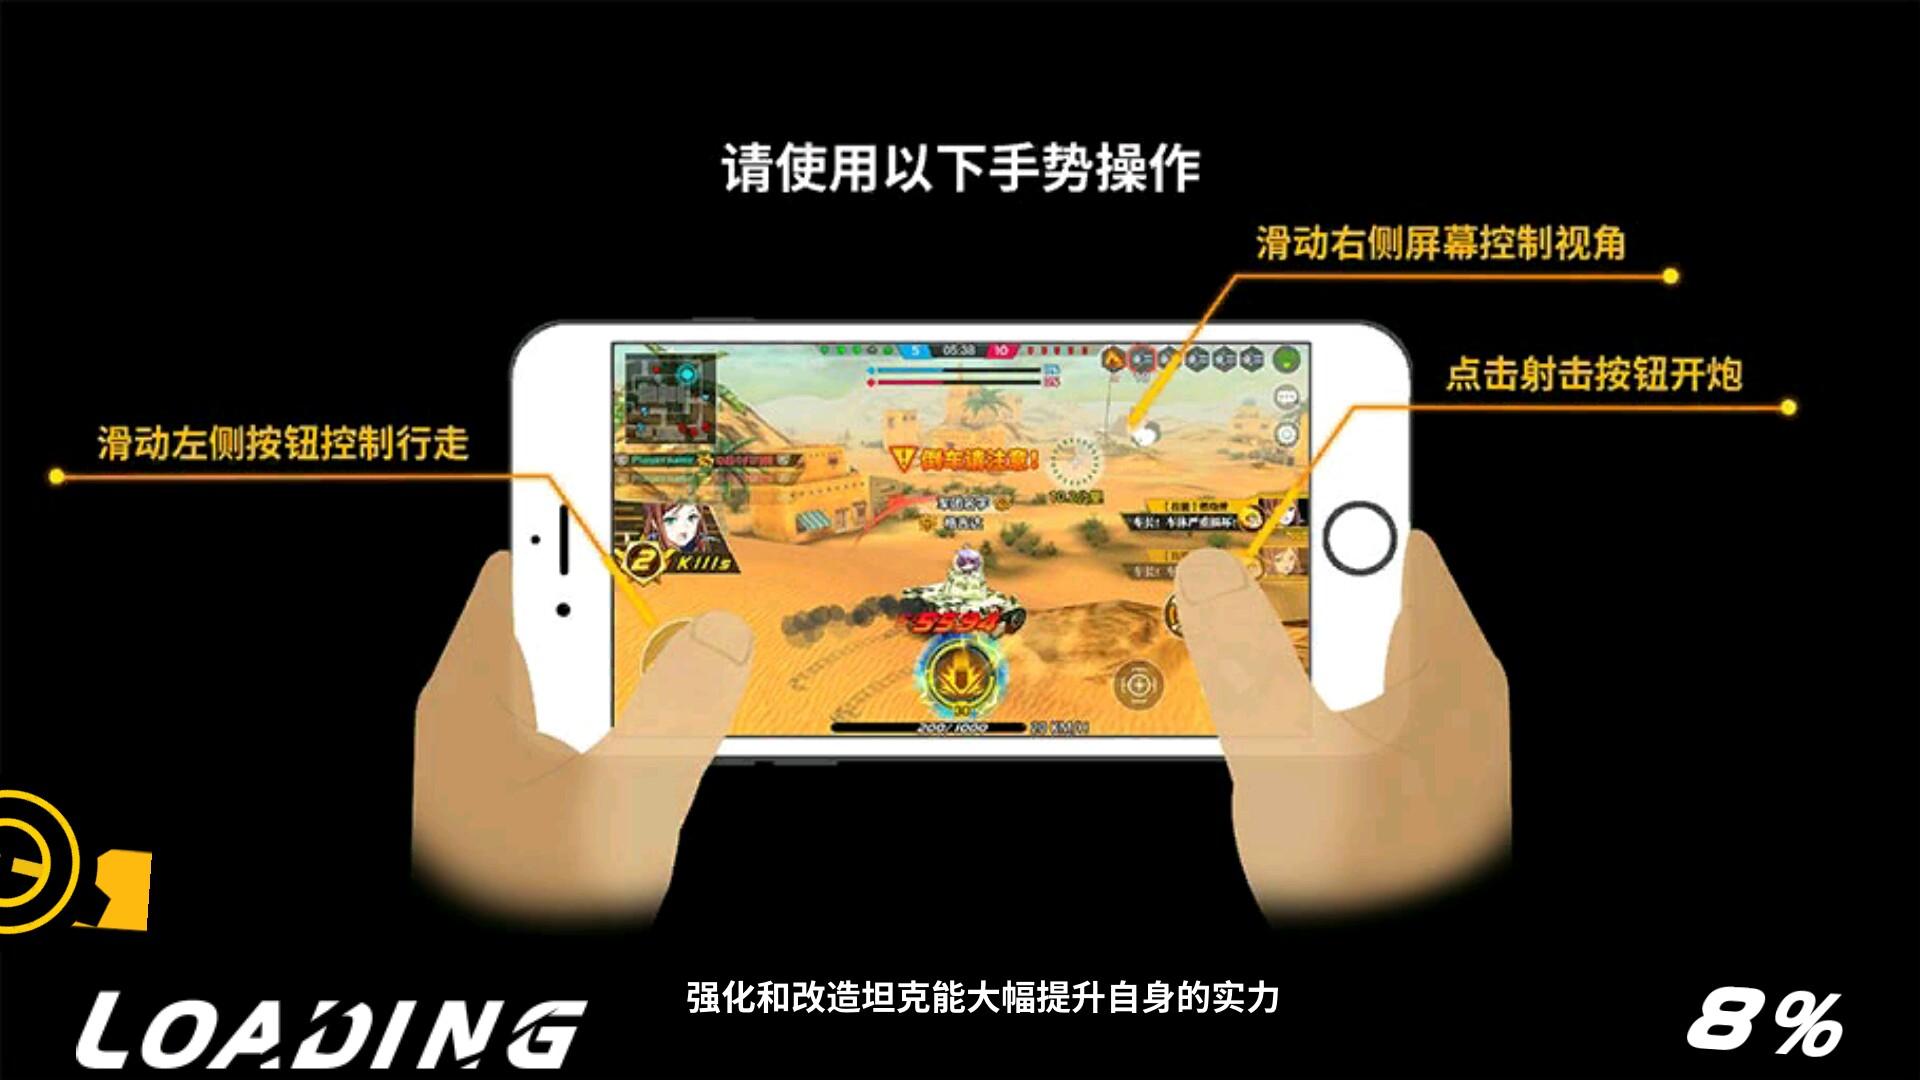 《装甲联盟》游戏截图UI欣赏37